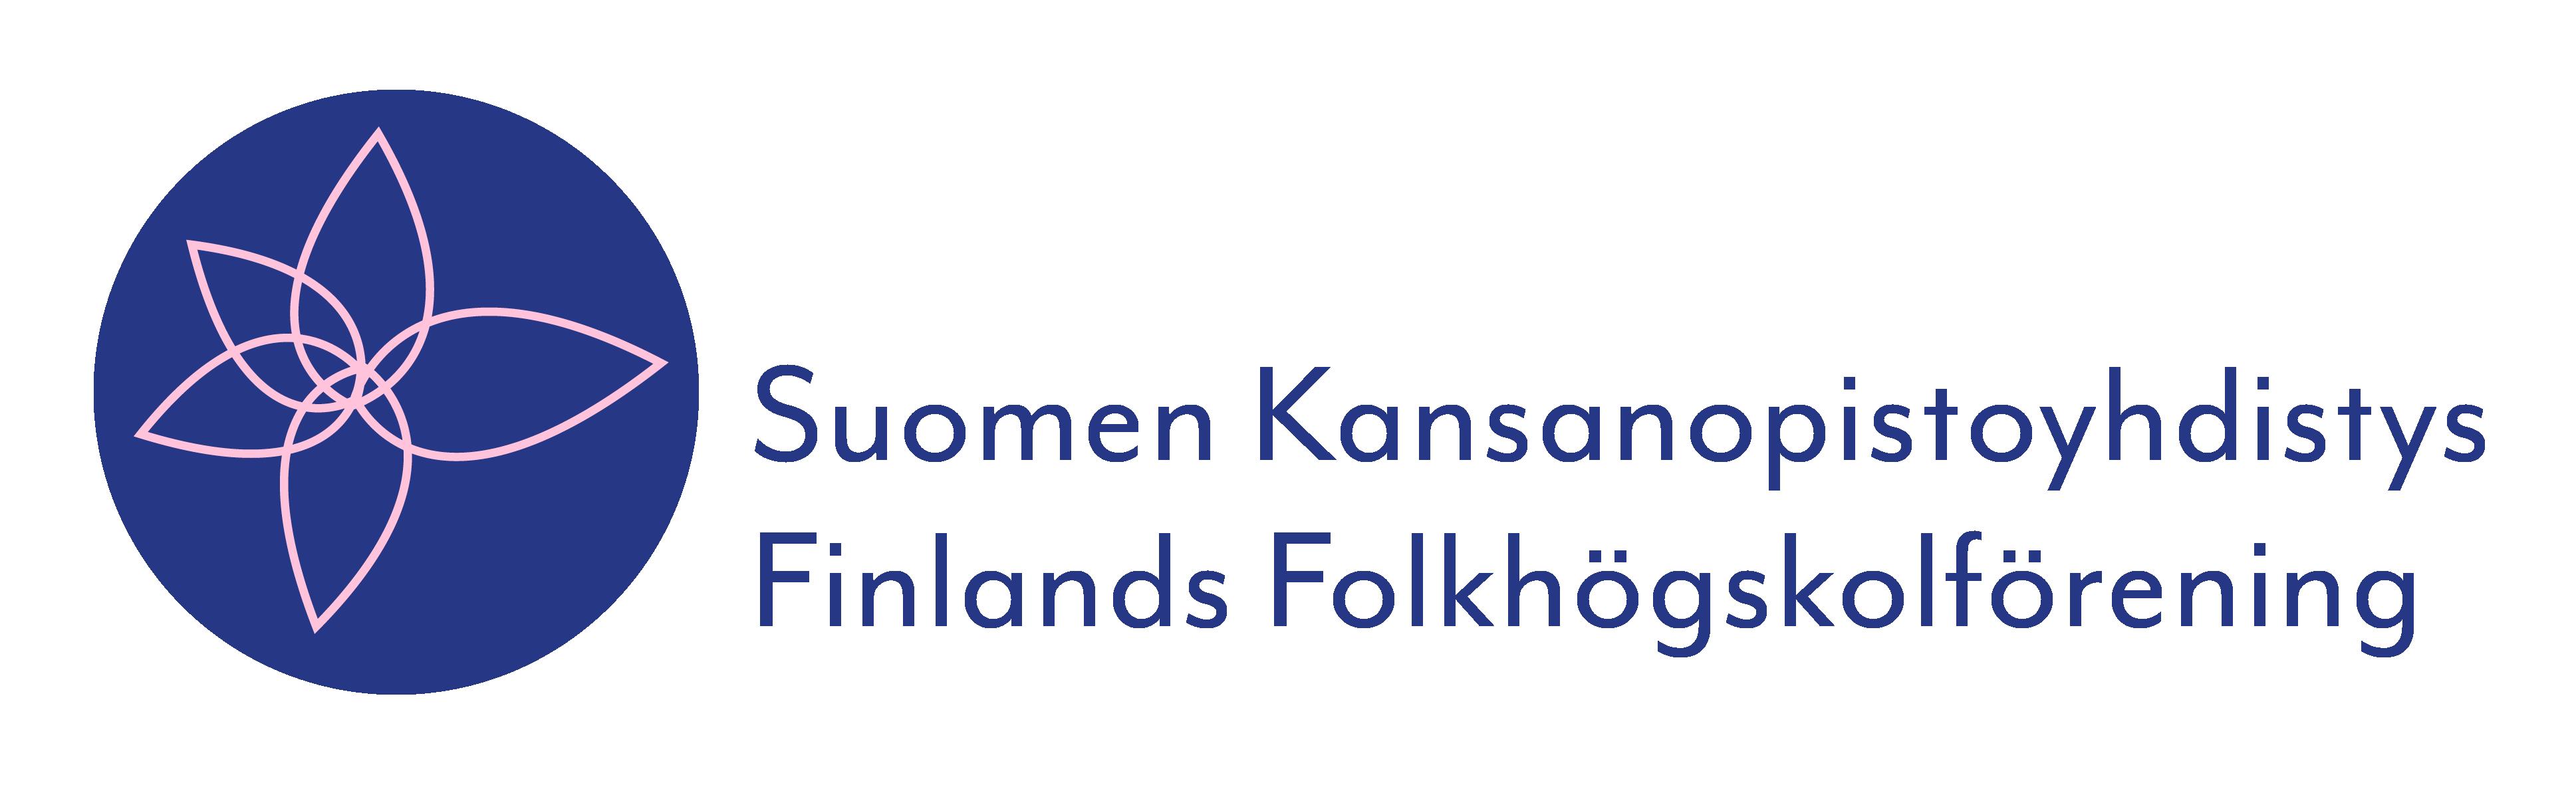 Suomen Kansanopistoyhdistys Finlands Folkhögskolförening. Sisältää linkin kansanopistoyhdistys.fi -verkkosivulle.